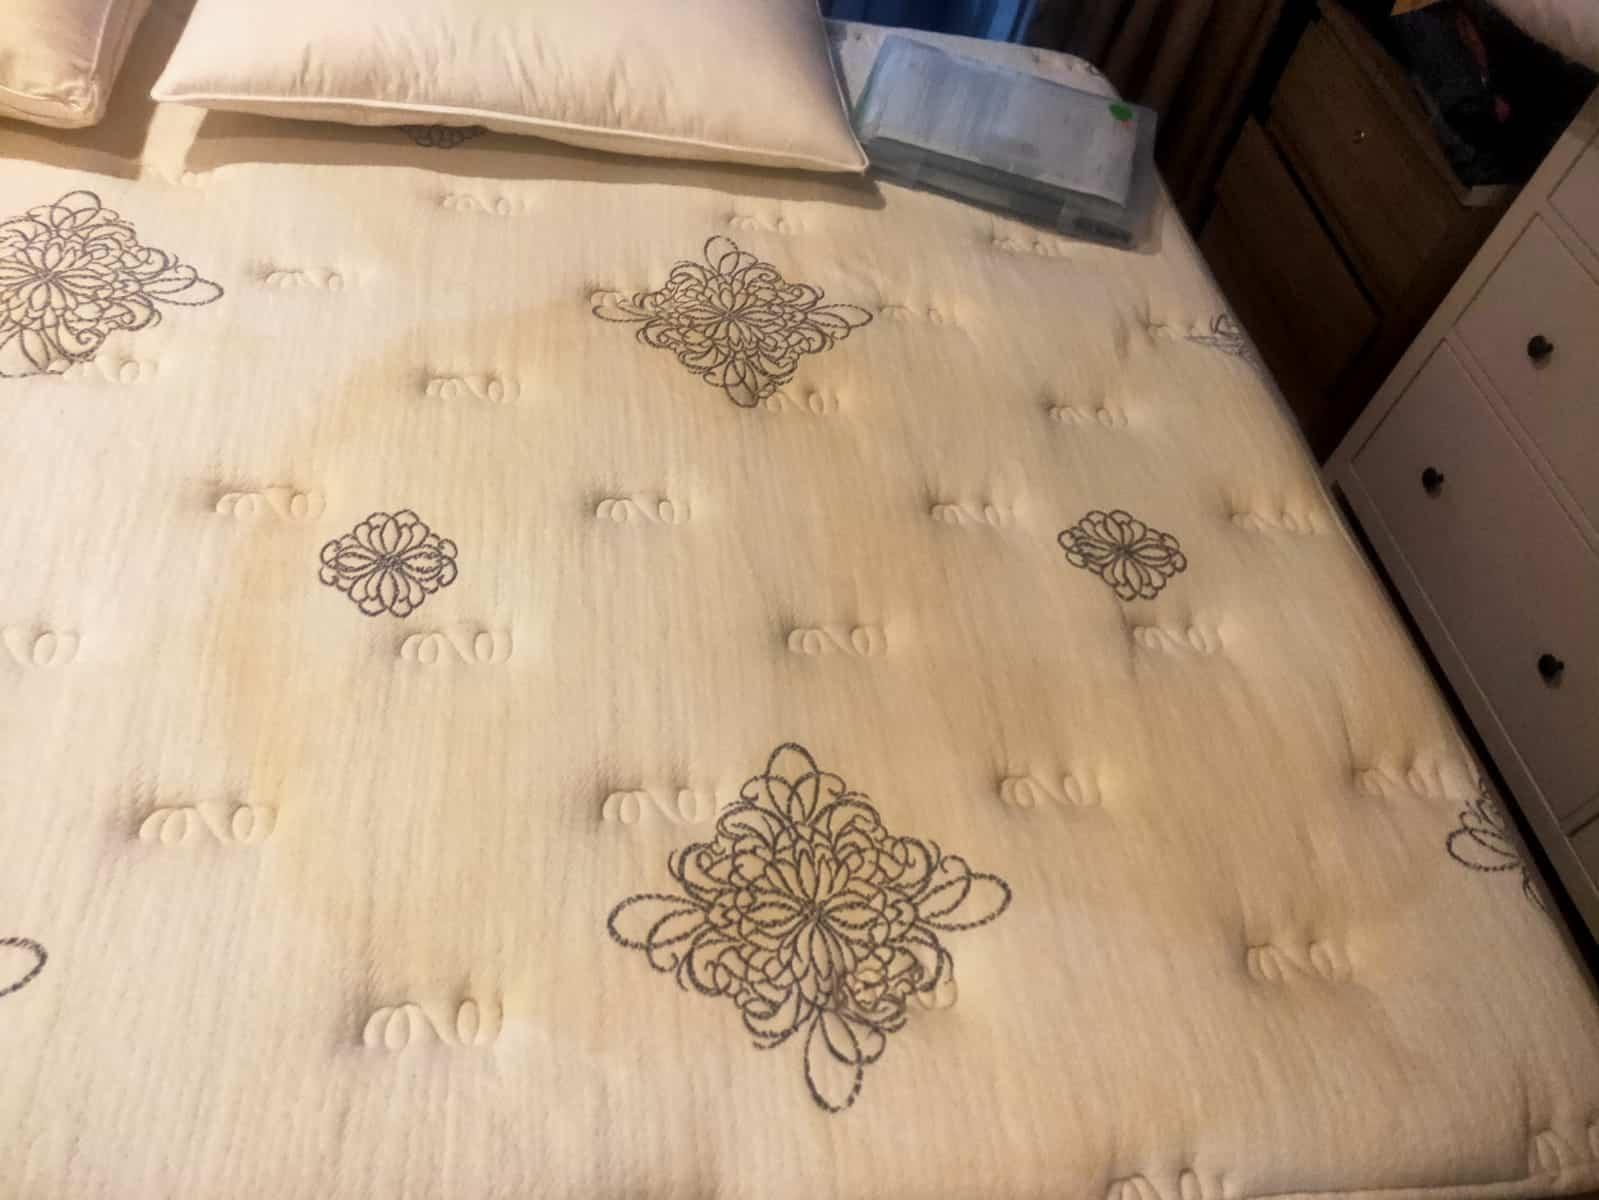 sweat stained yellow mattress